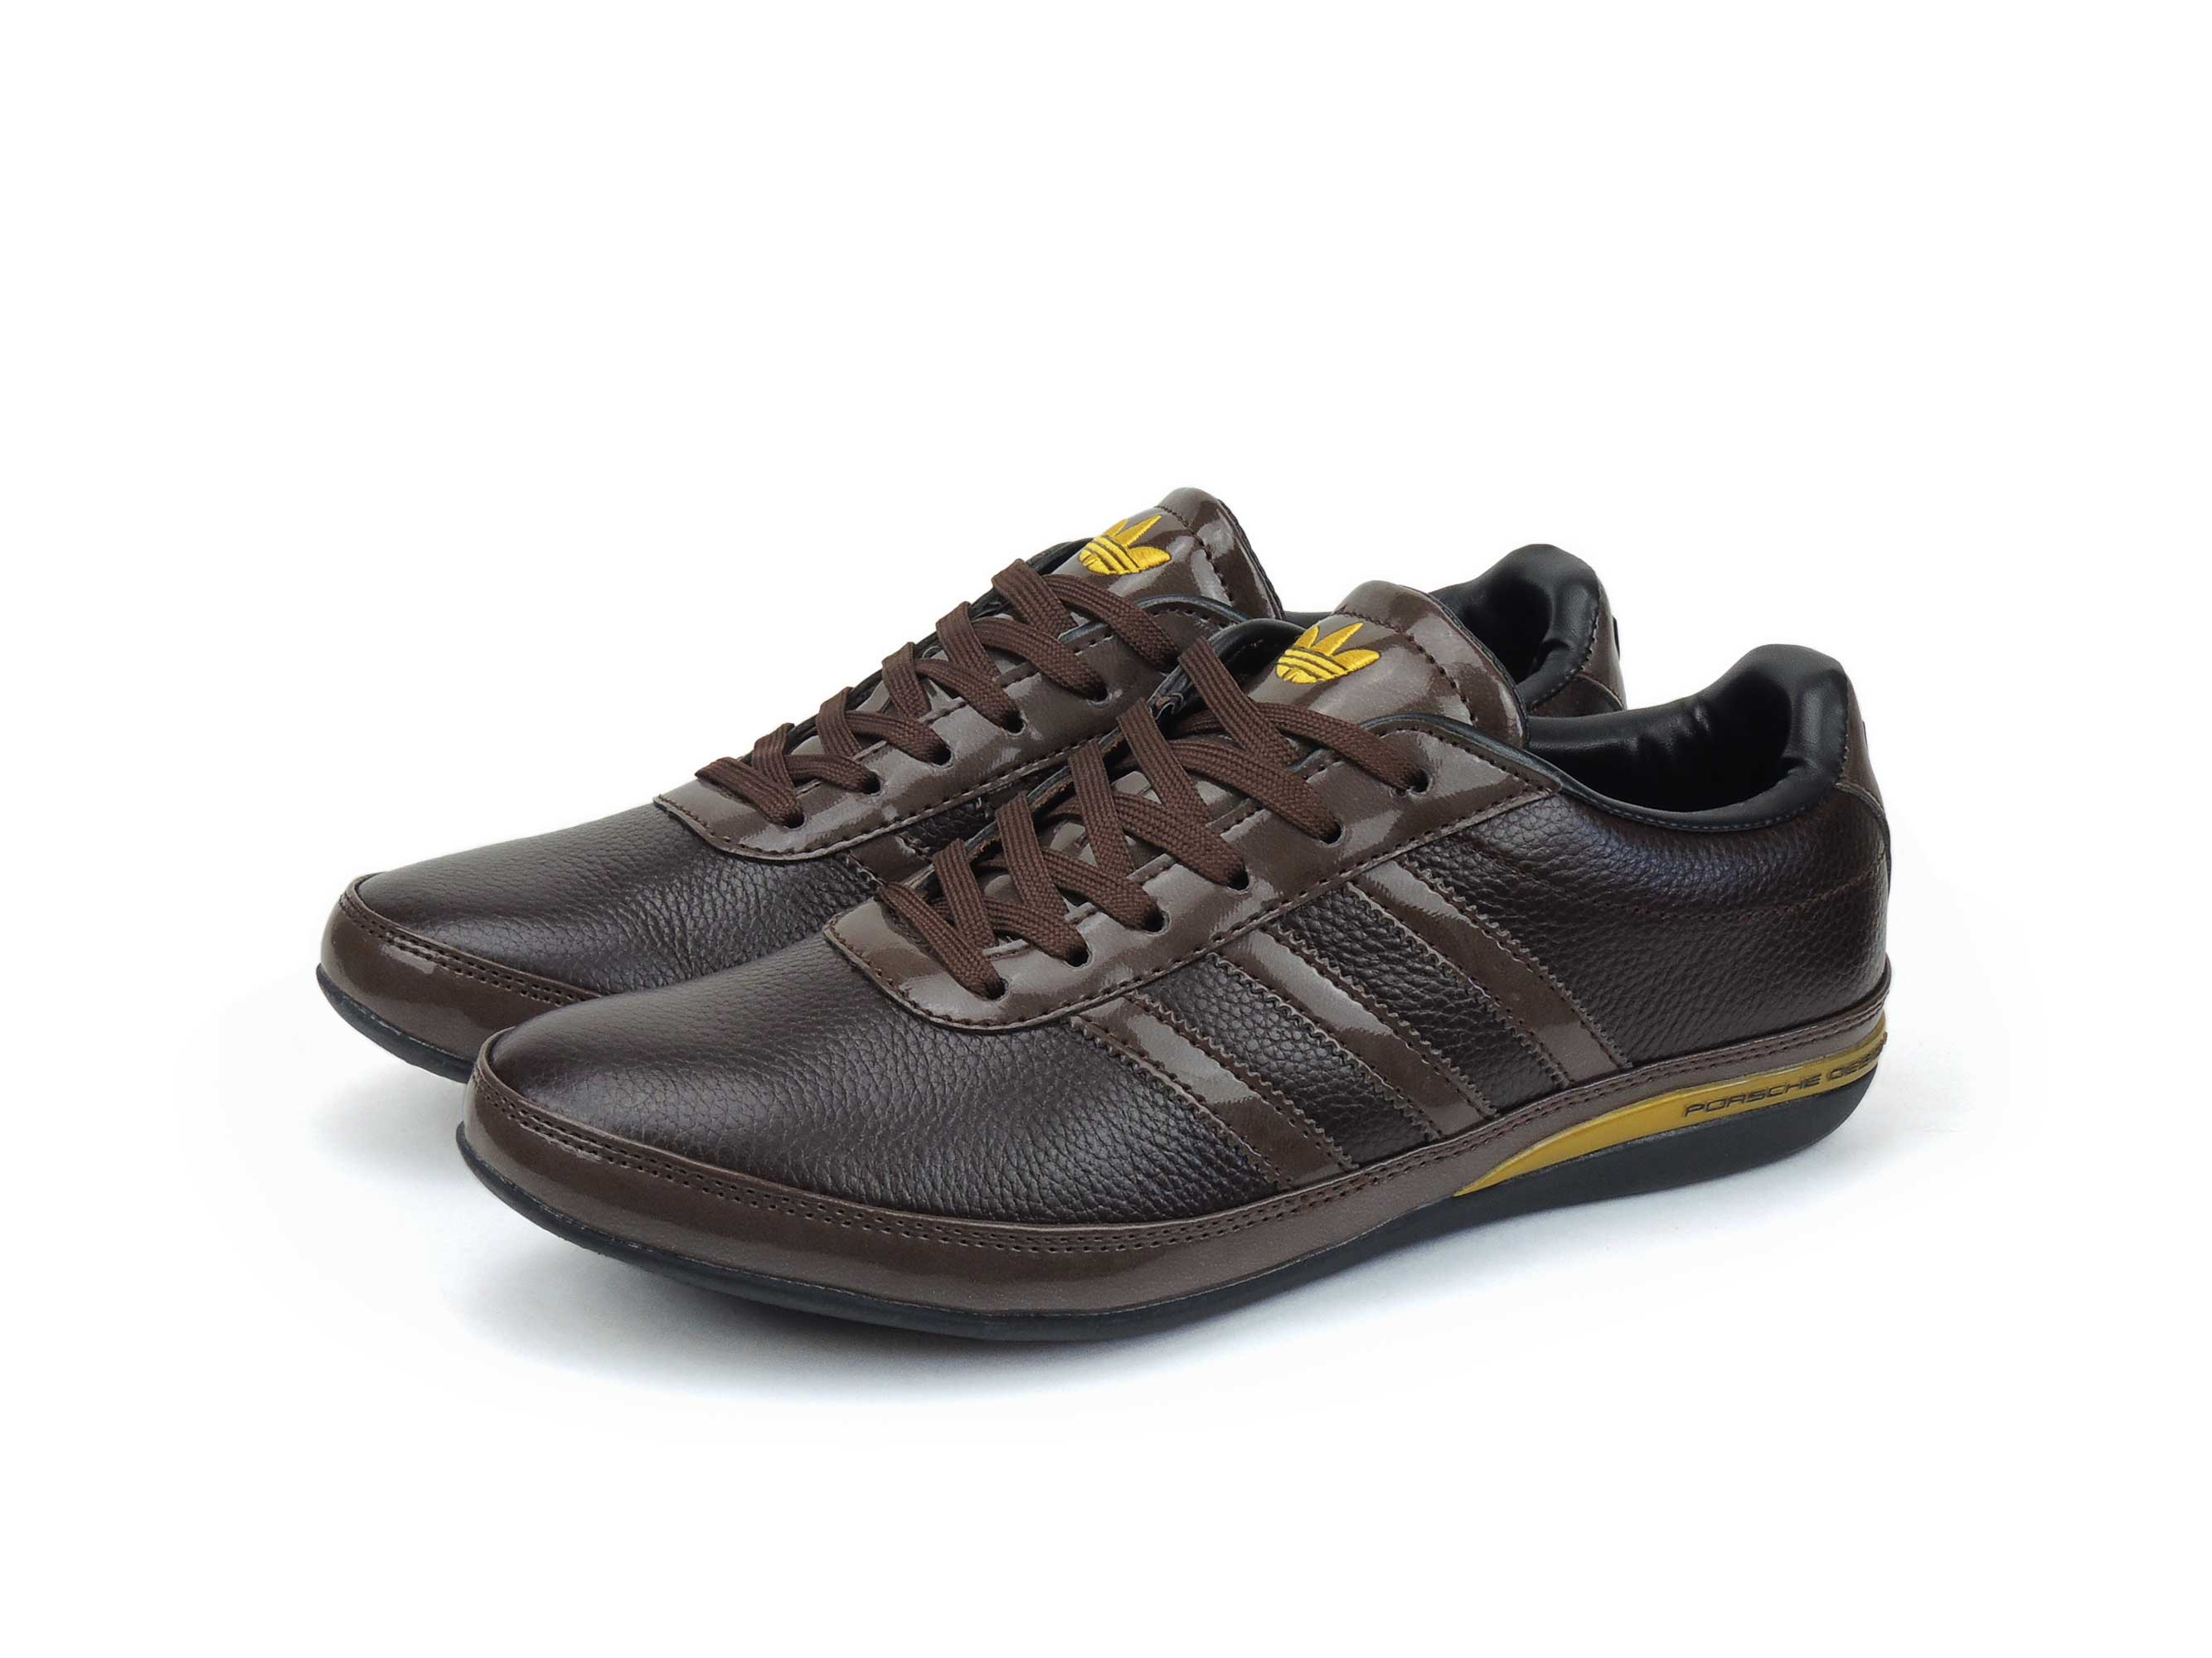 official photos 1cd15 aa73c adidas porsche design S3 brown gold 473955